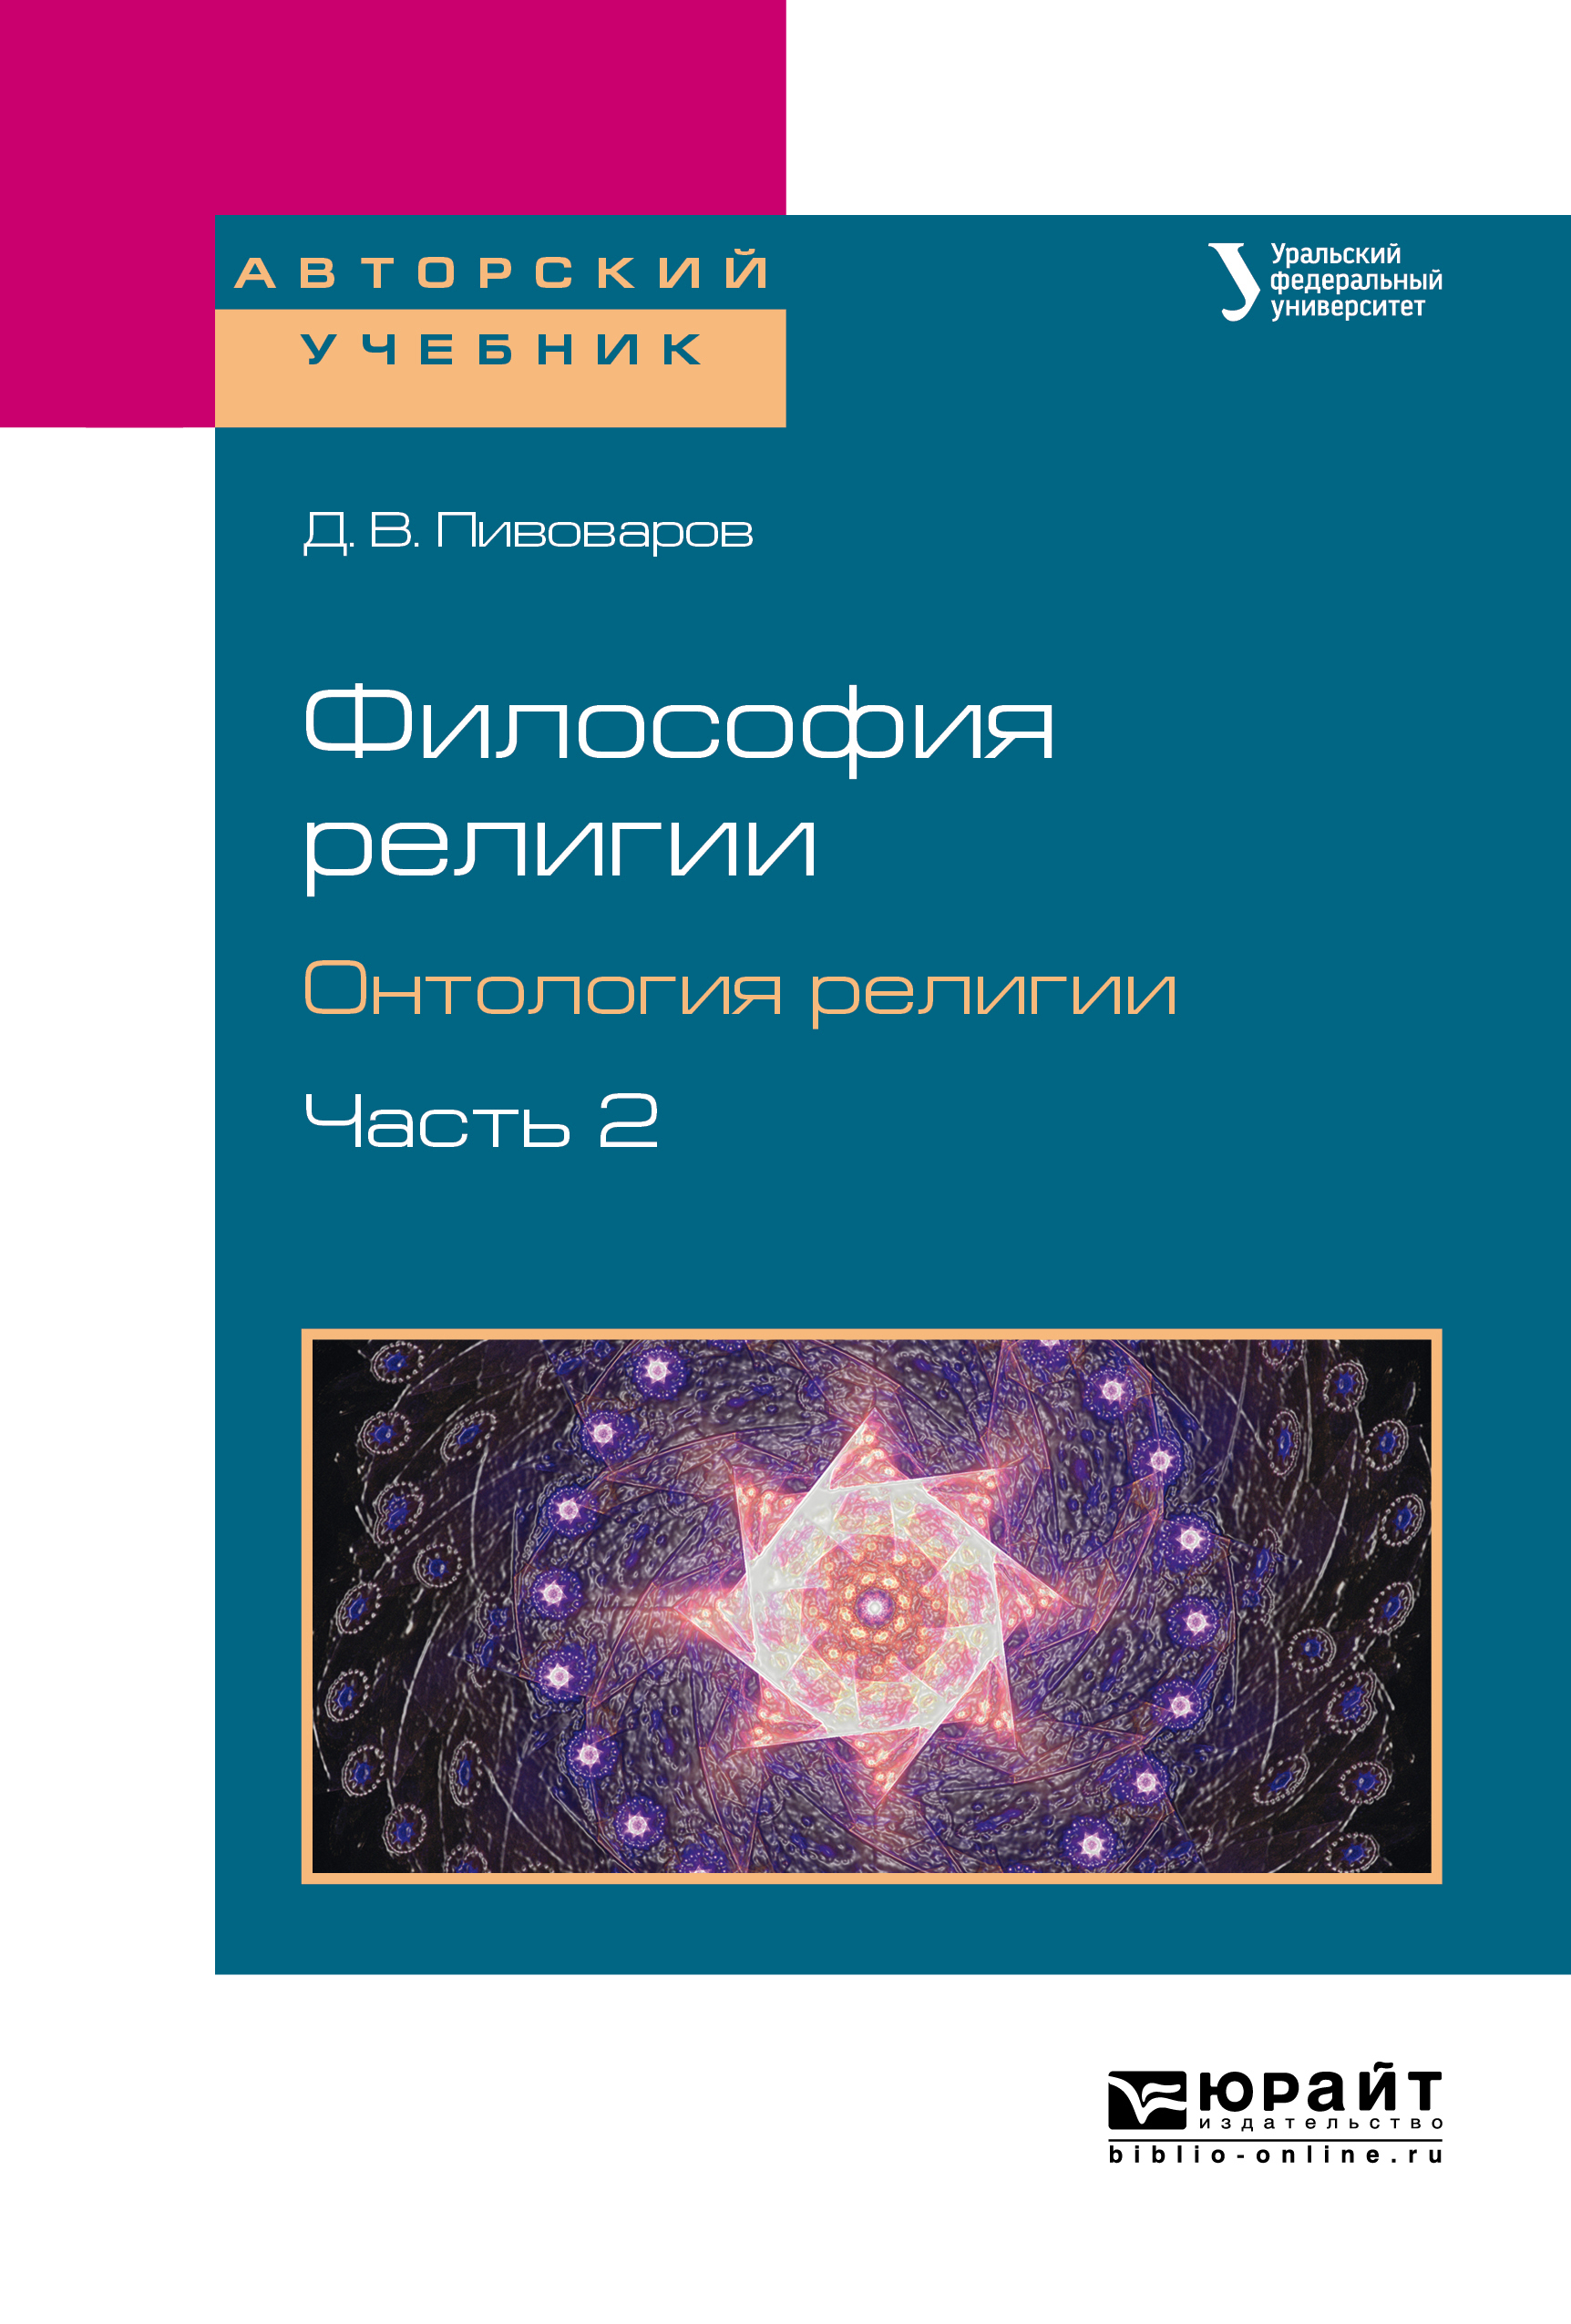 Д. В. Пивоваров Философия религии. Онтология религии в 2 ч. Часть 2. Учебное пособие для бакалавриата и магистратуры цена